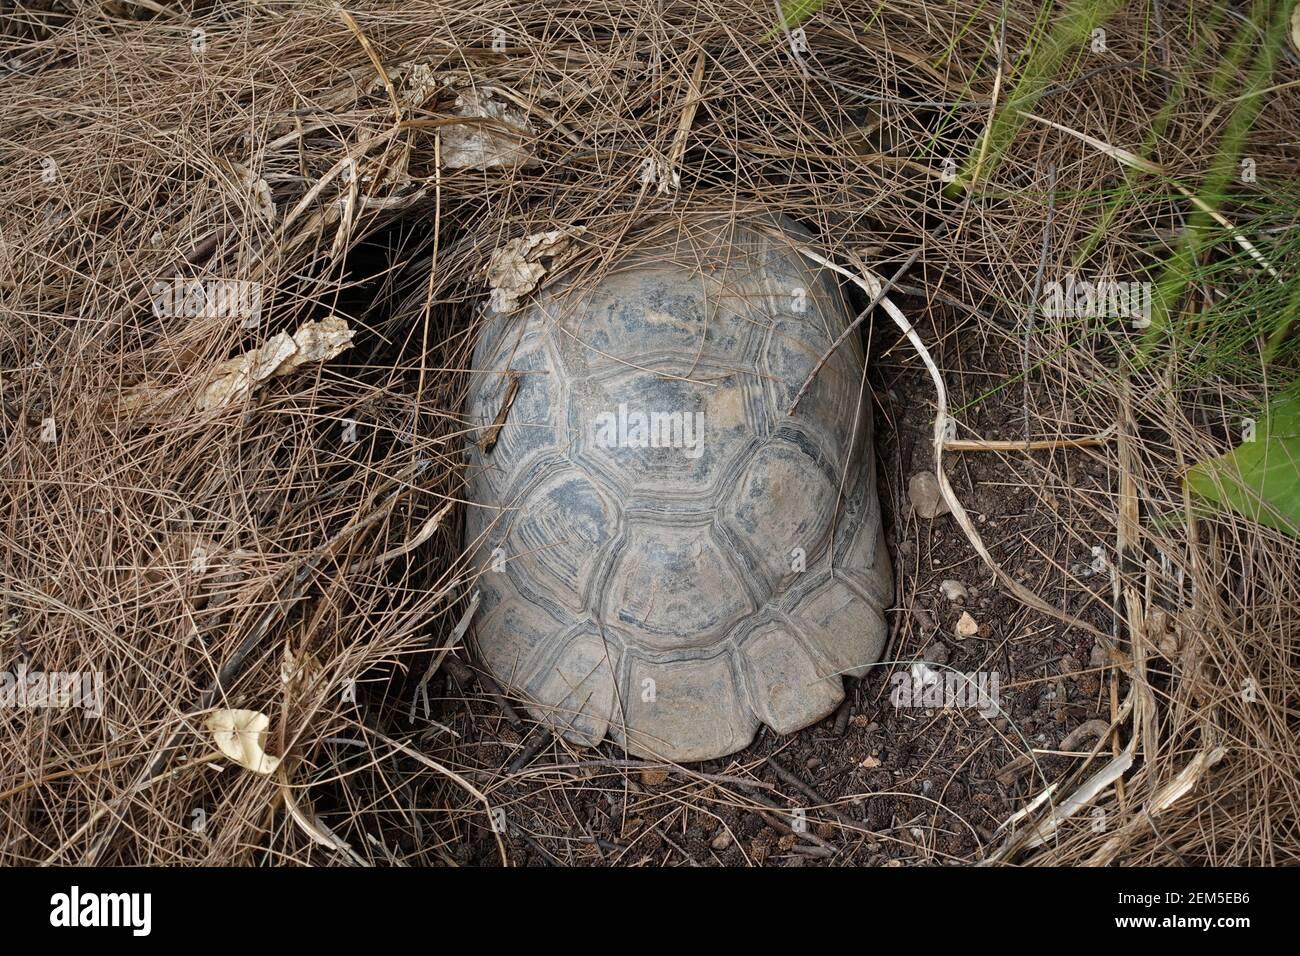 Waldschildkröte mit Schlüpfling unter Kiefernnadelnest an einem heißen Sommertag. Stockfoto